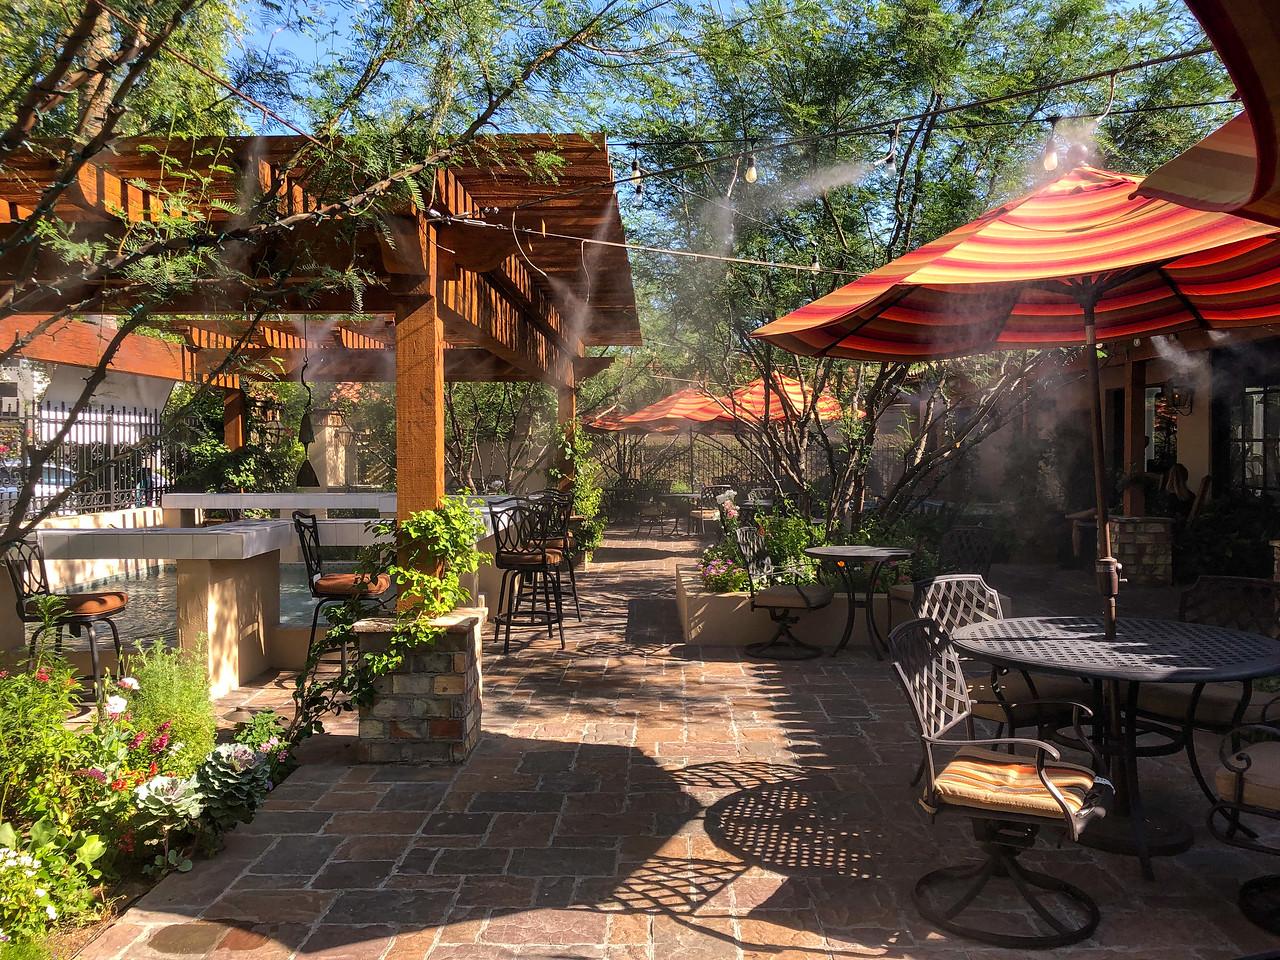 Schmooze patio